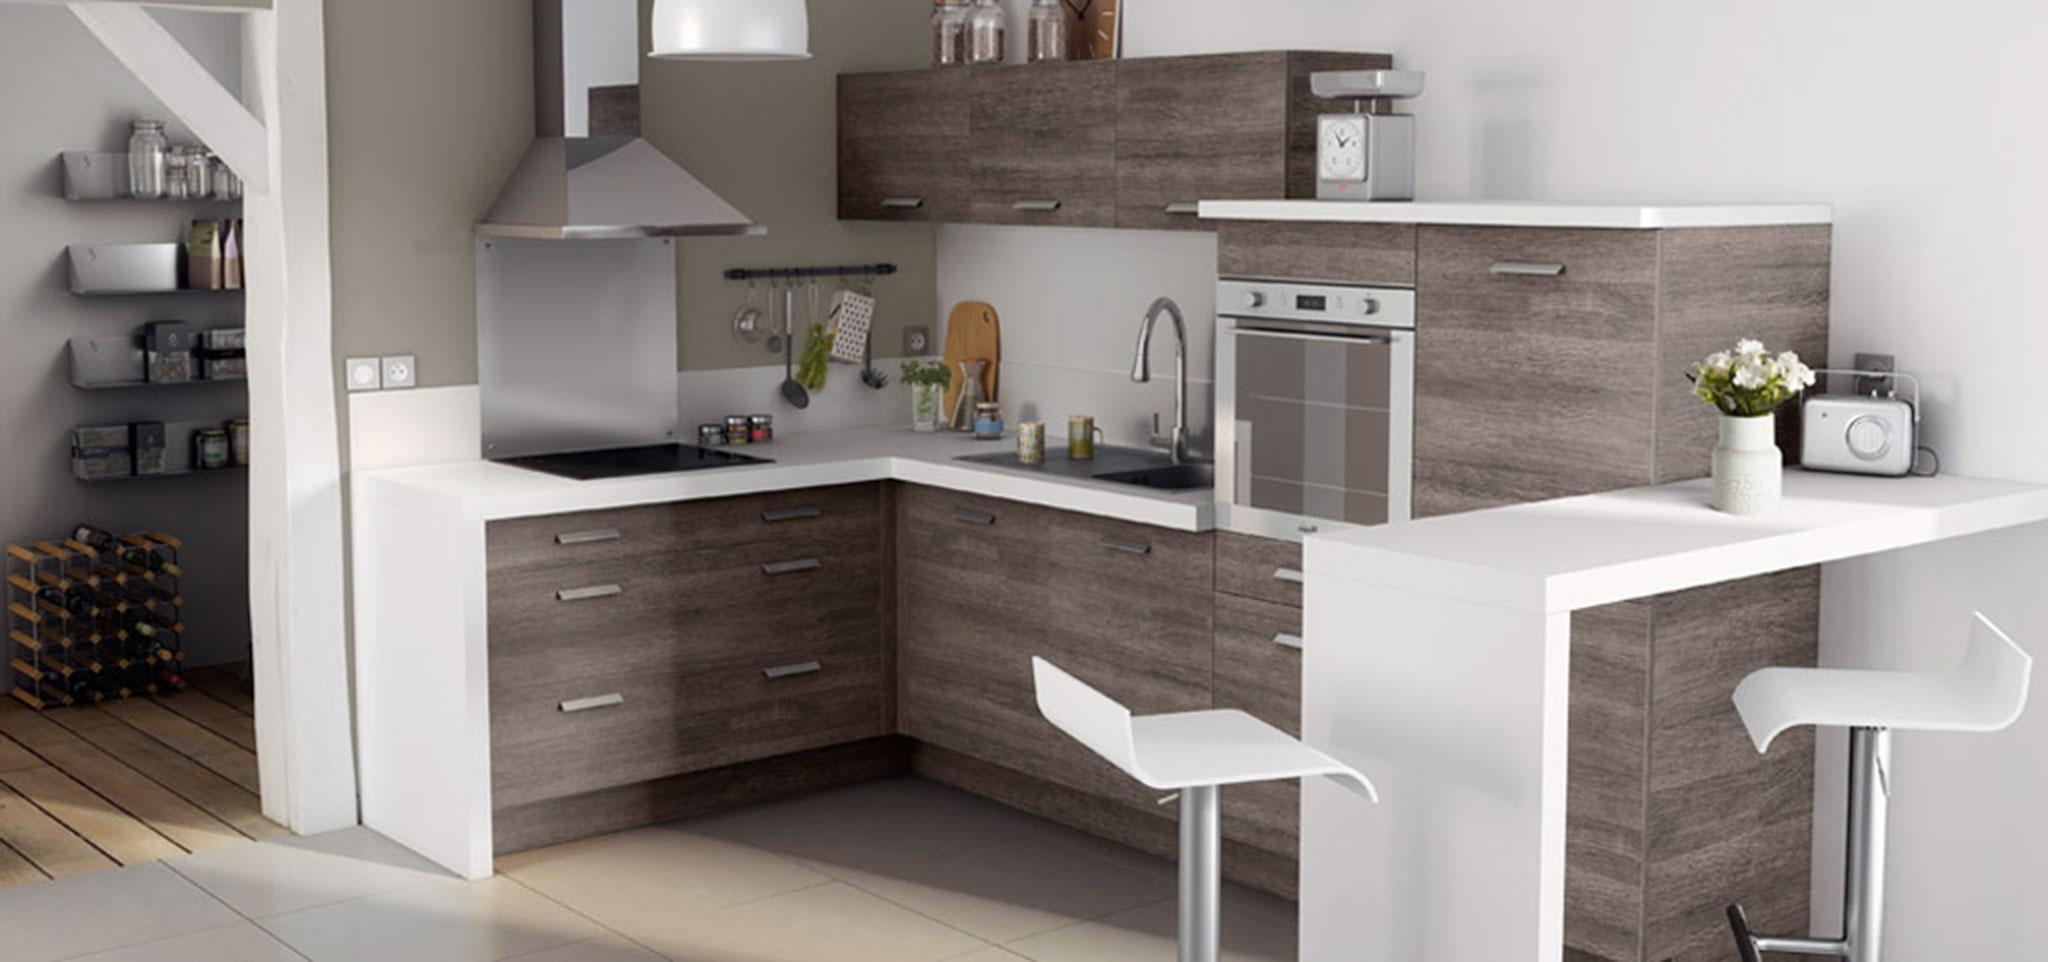 Porte de cuisine am nag e maison et mobilier d 39 int rieur - Porte de cuisine ...